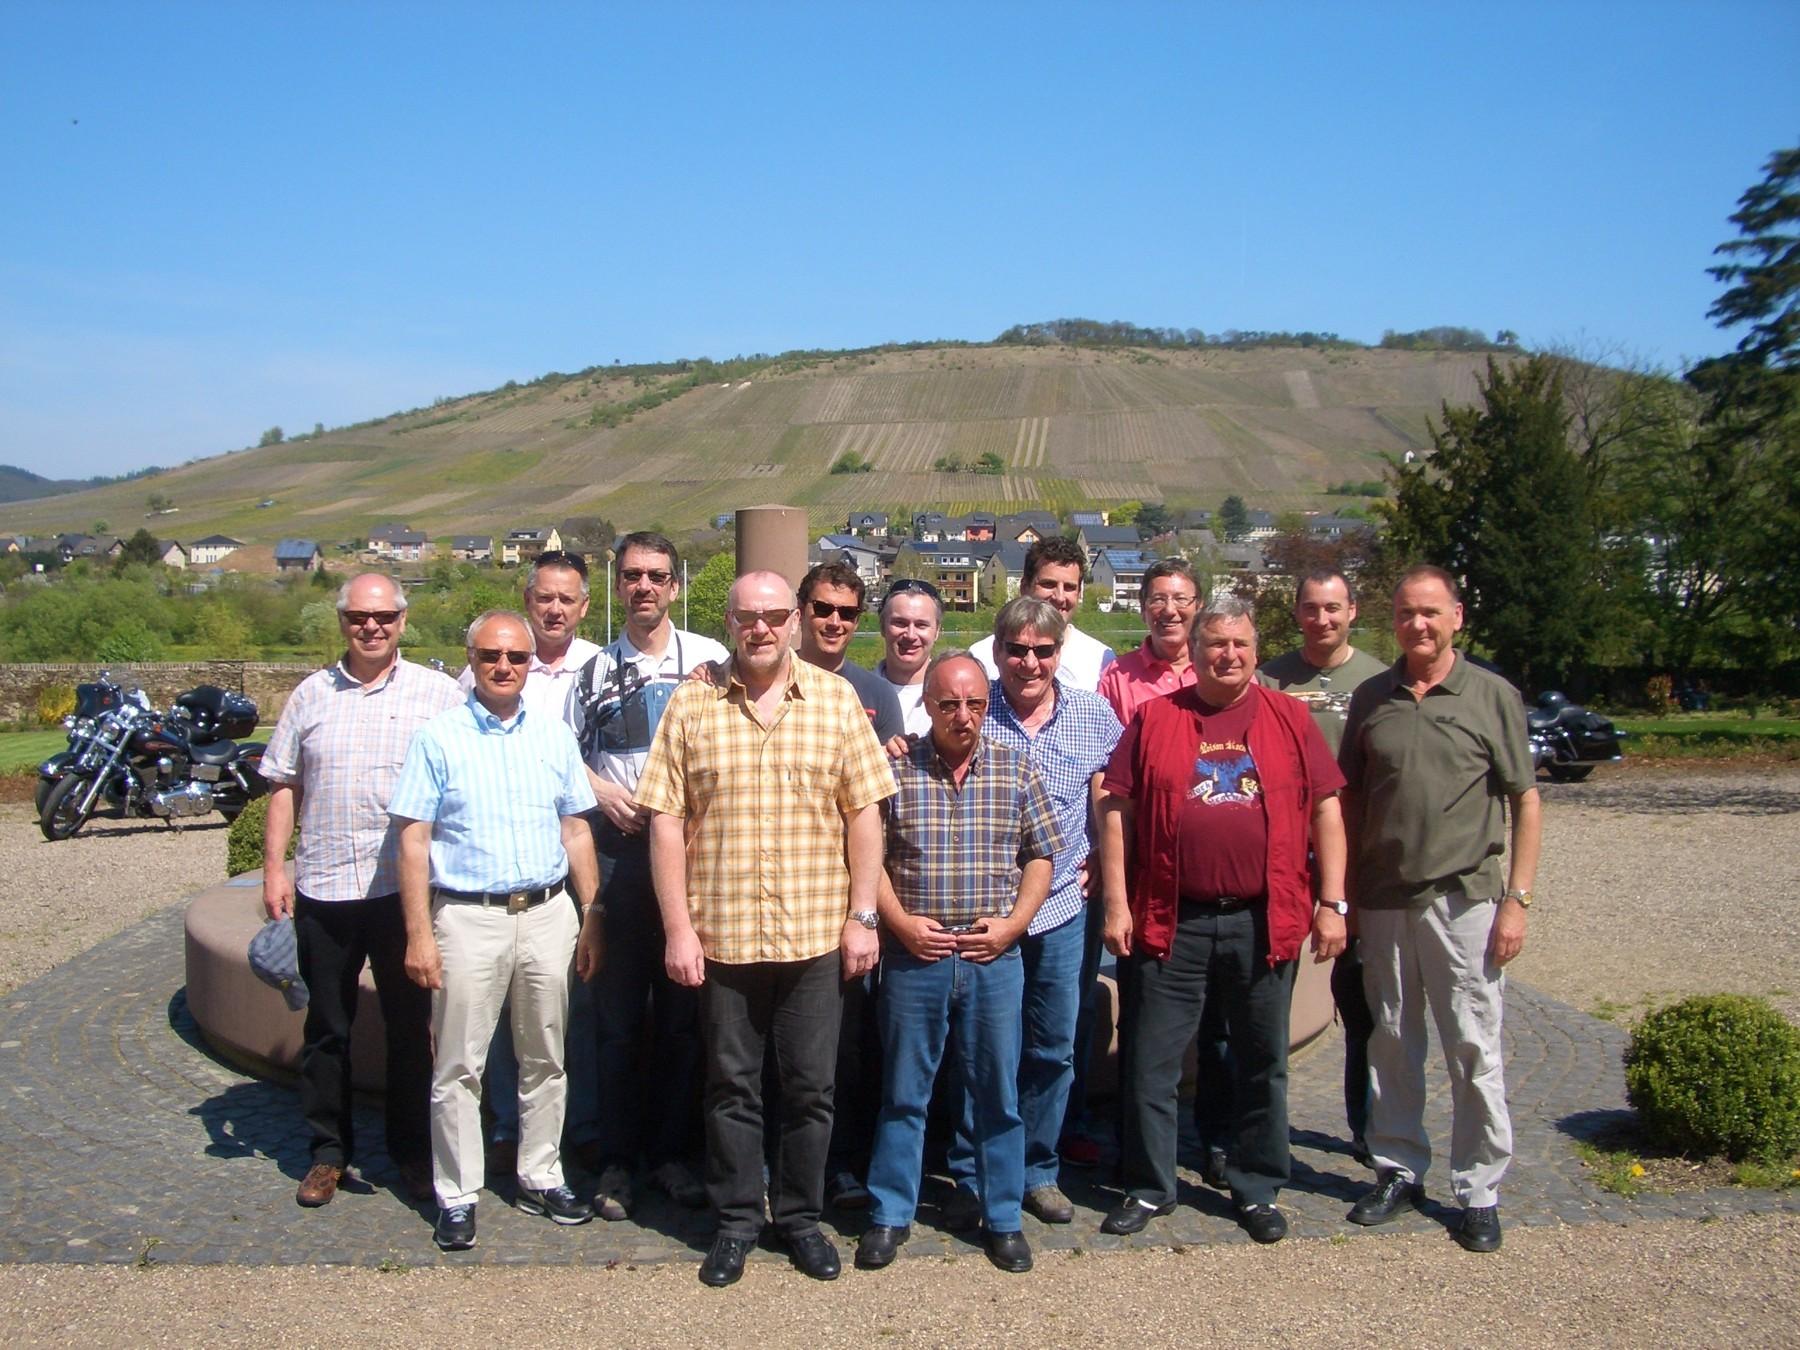 Kloster Machern 2010